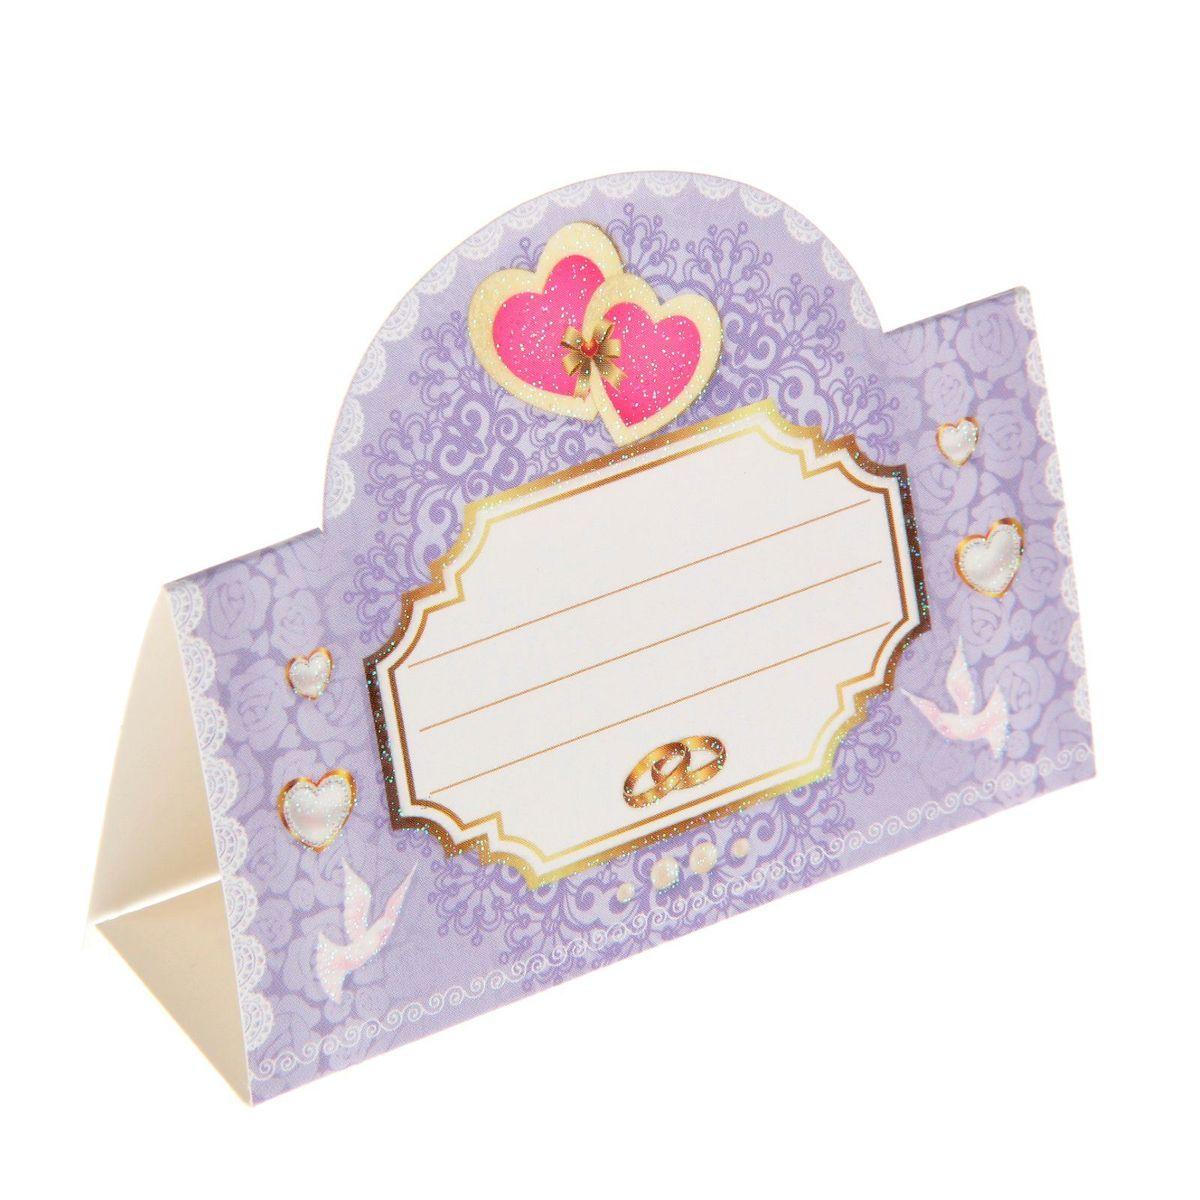 Карточка банкетная Миленд. 12187111218711Красиво оформленный свадебный стол - это эффектное, неординарное и очень значимое обрамление для проведения любого запланированного вами торжества. Банкетная карточка Миленд - это красивое и оригинальное украшение зала, которое дополнит выдержанный стиль мероприятия и передаст праздничное настроение вам и вашим гостям.